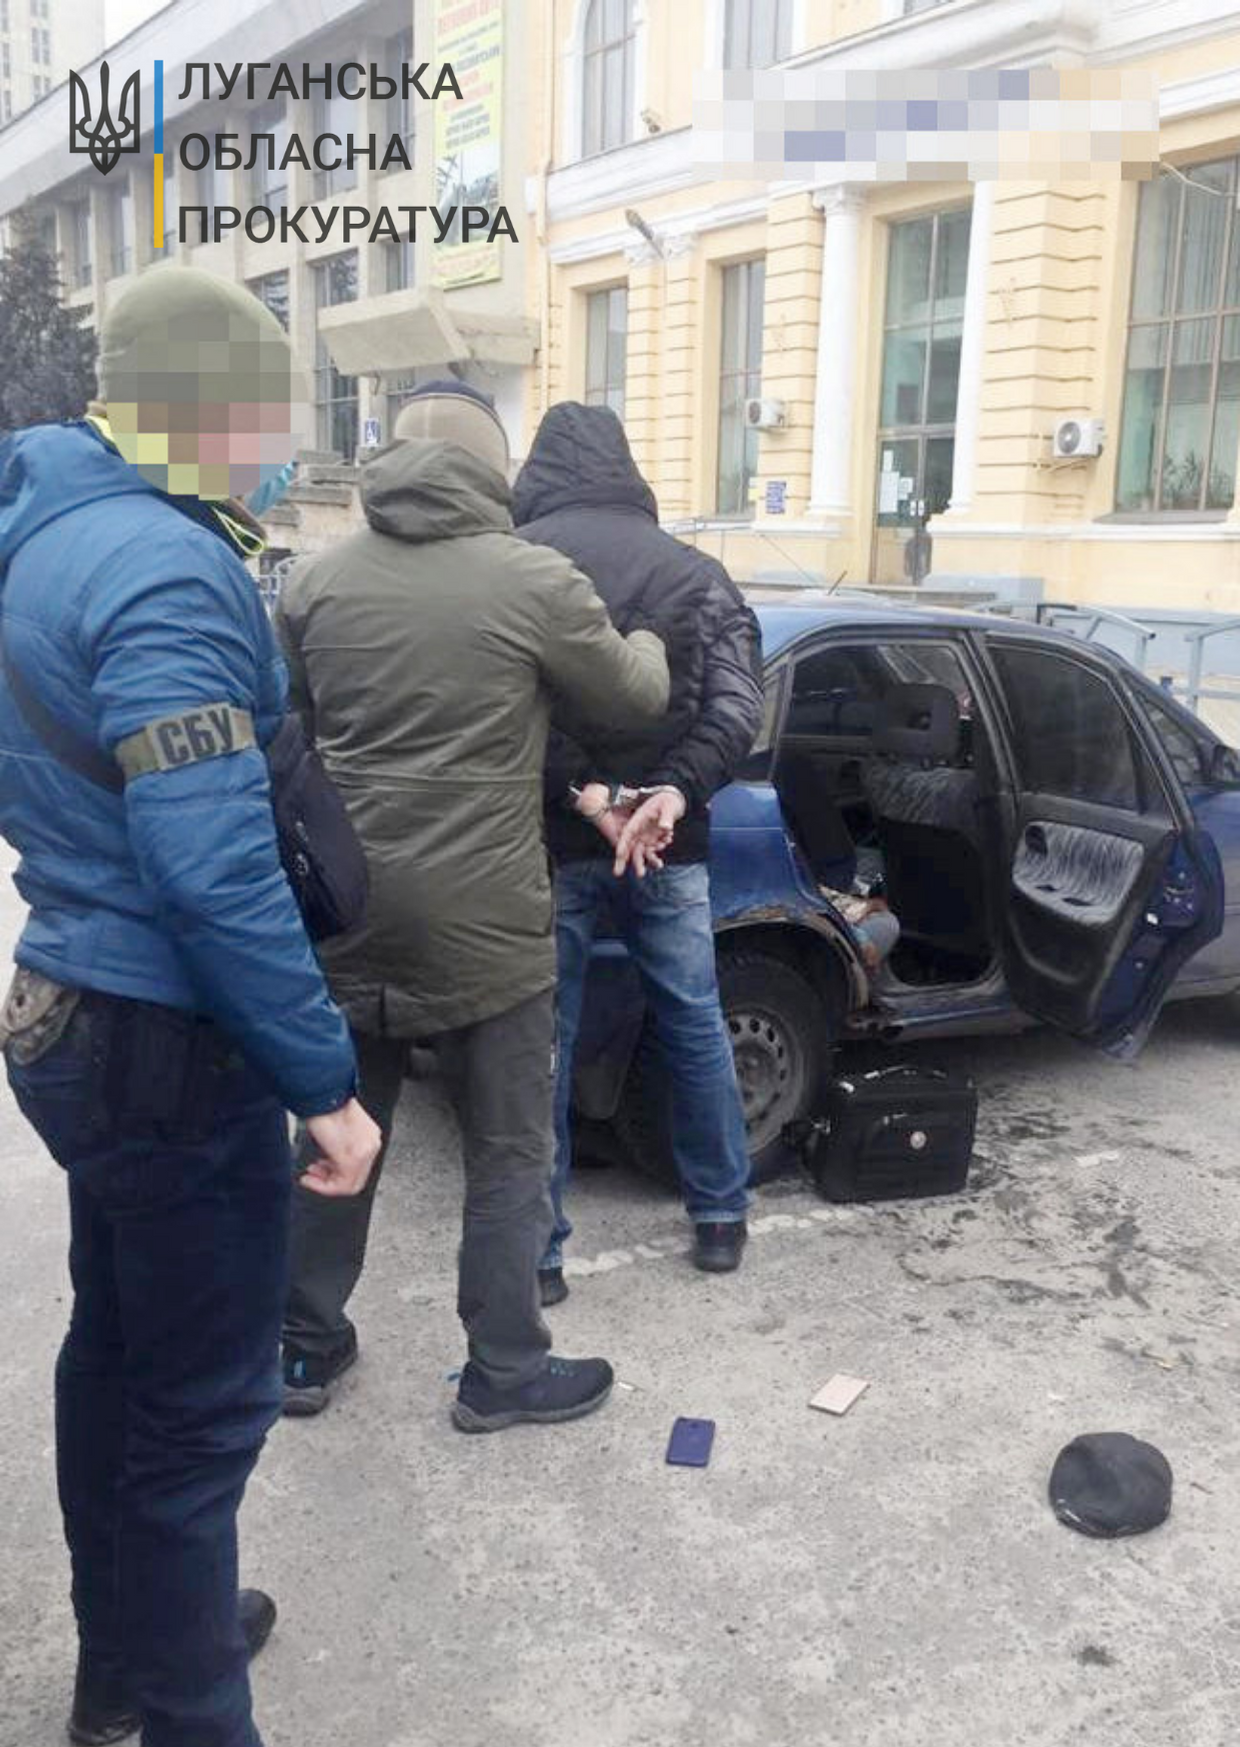 ОГП: В Харькове взяли шпиона, хотел передать РФ секретные научные данные по дронам – видео